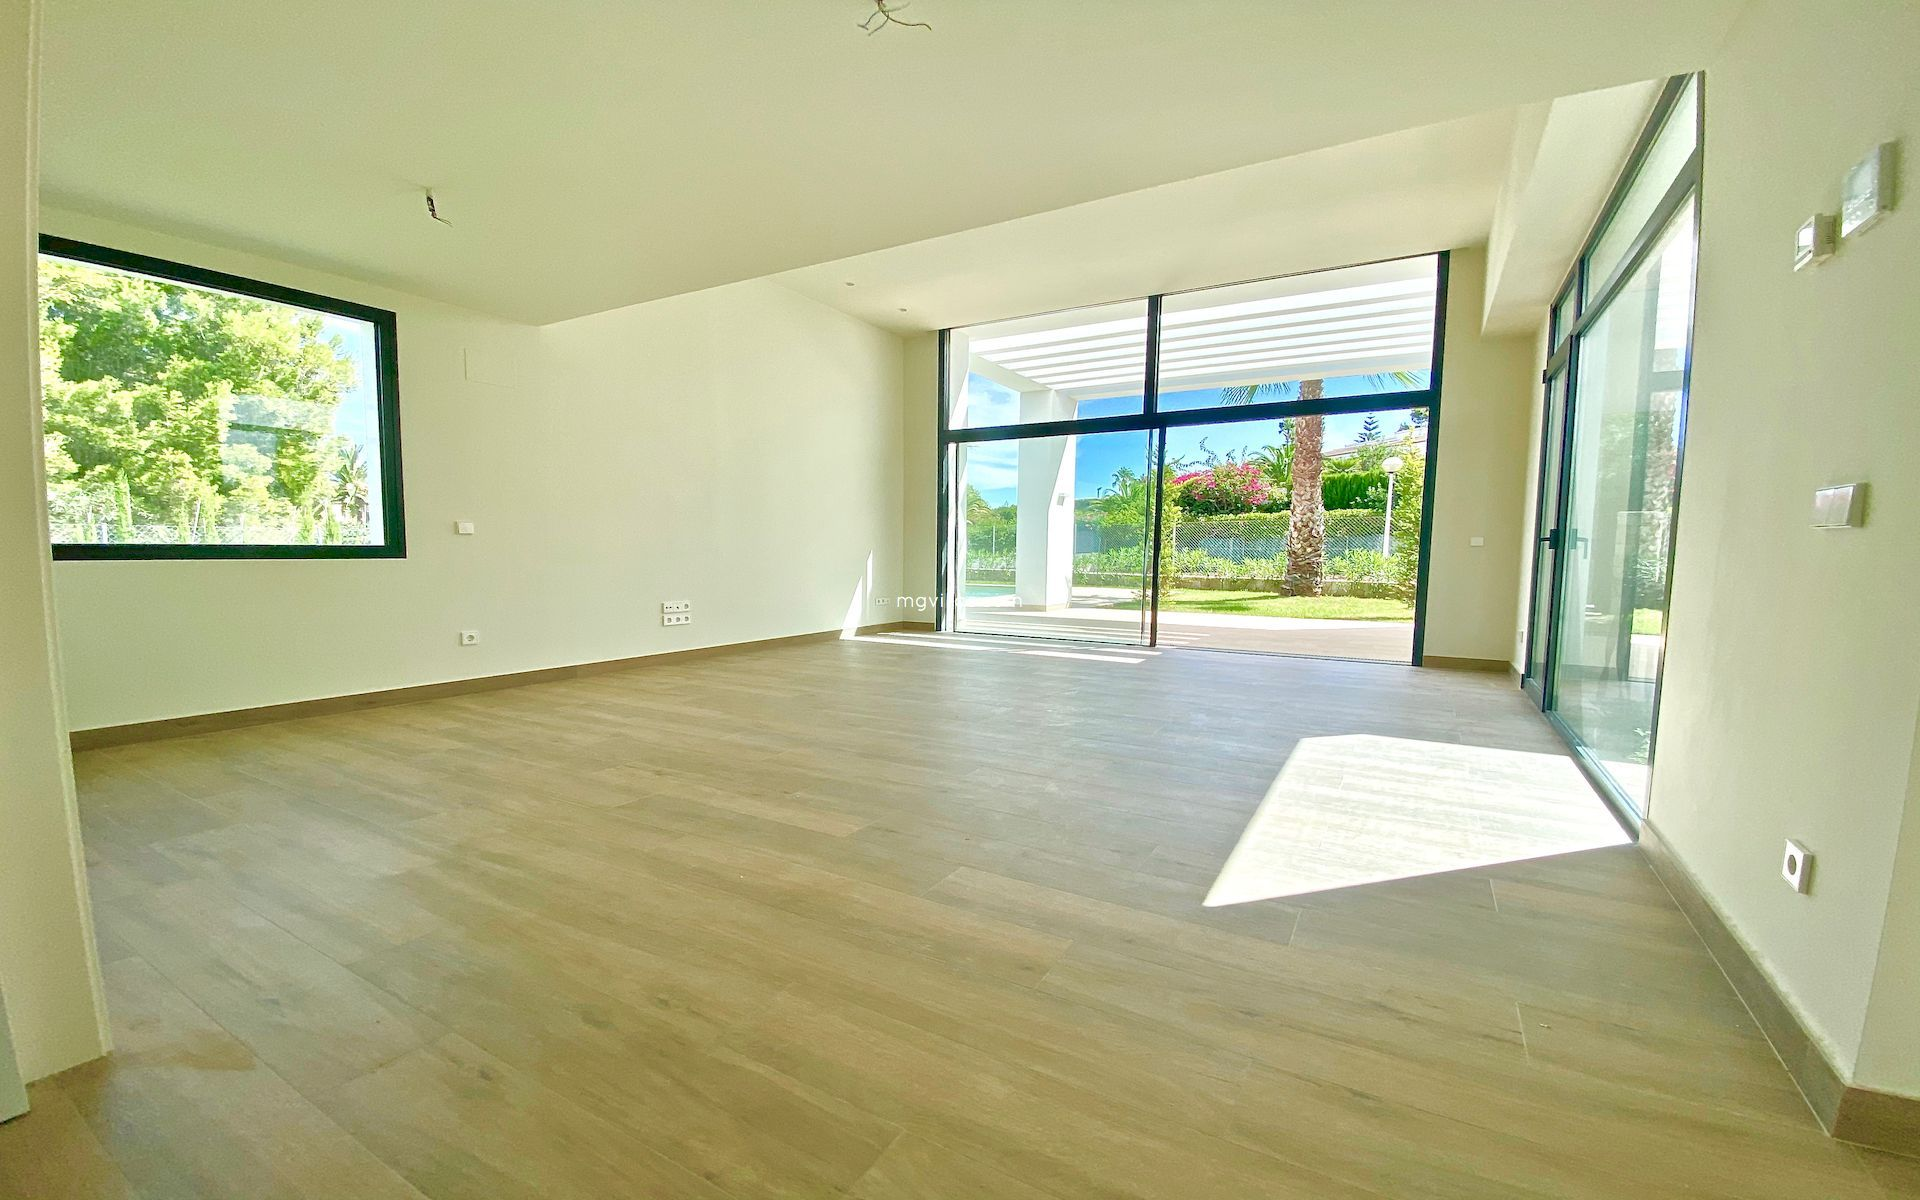 Villa Moderna de Nueva Construcción a la Venta en Tosalet - Javea